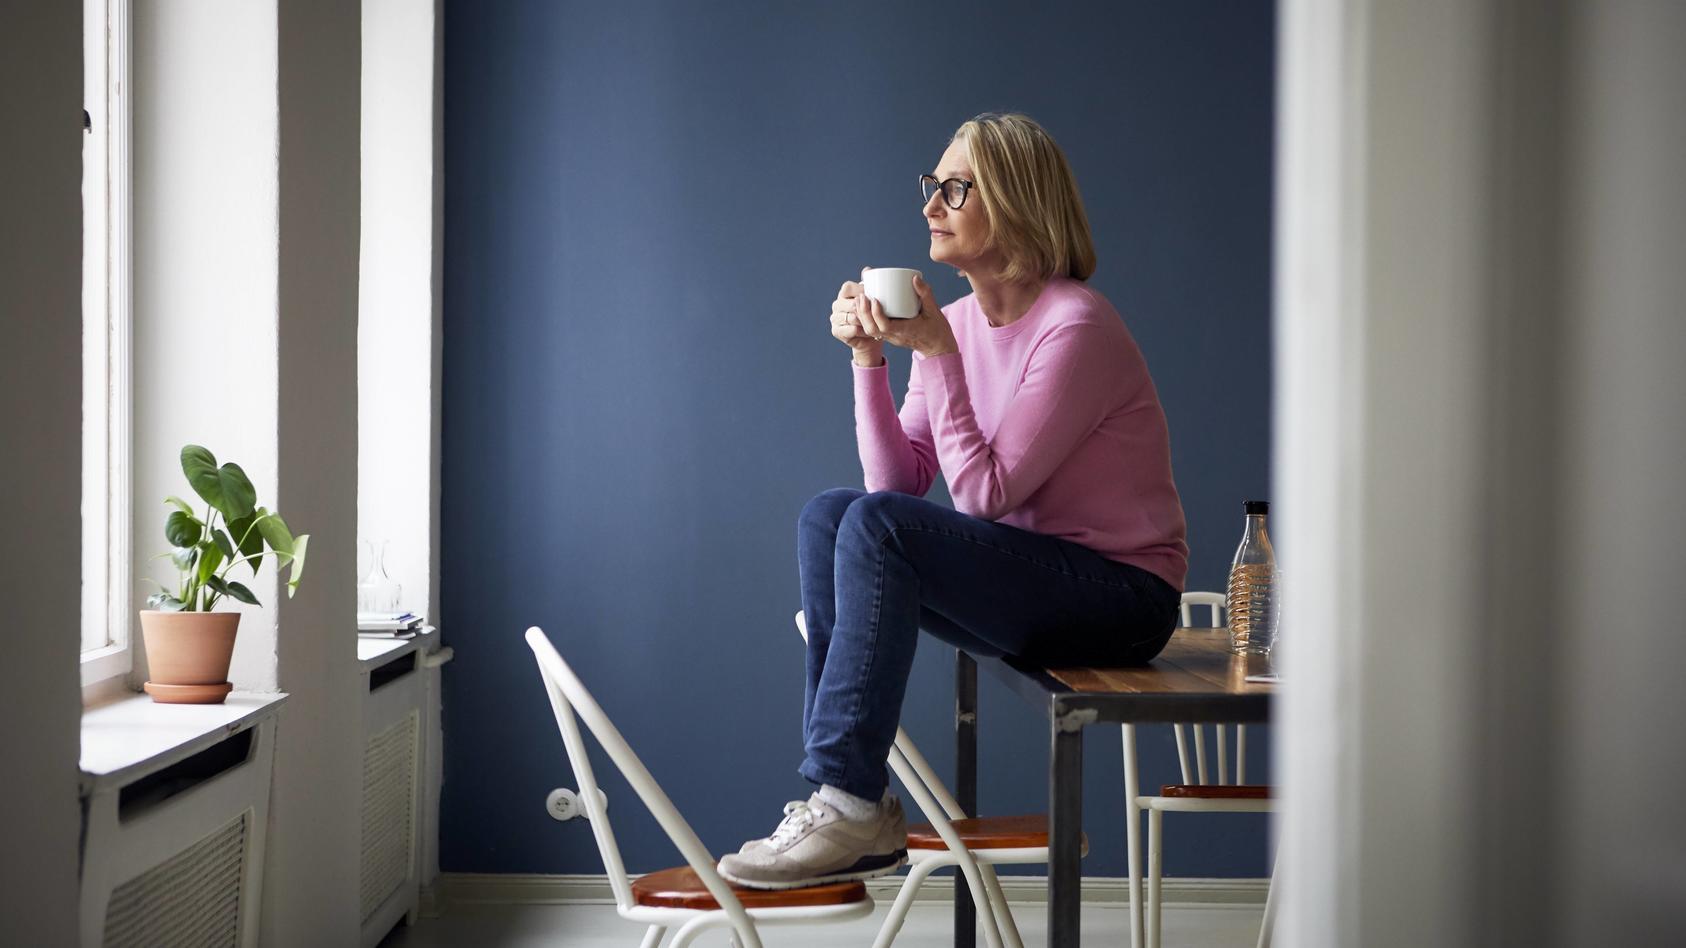 Viele erwachsene Frauen möchten gerne in einer Beziehung sein, wollen ihre Wohnung aber nicht mehr teilen.